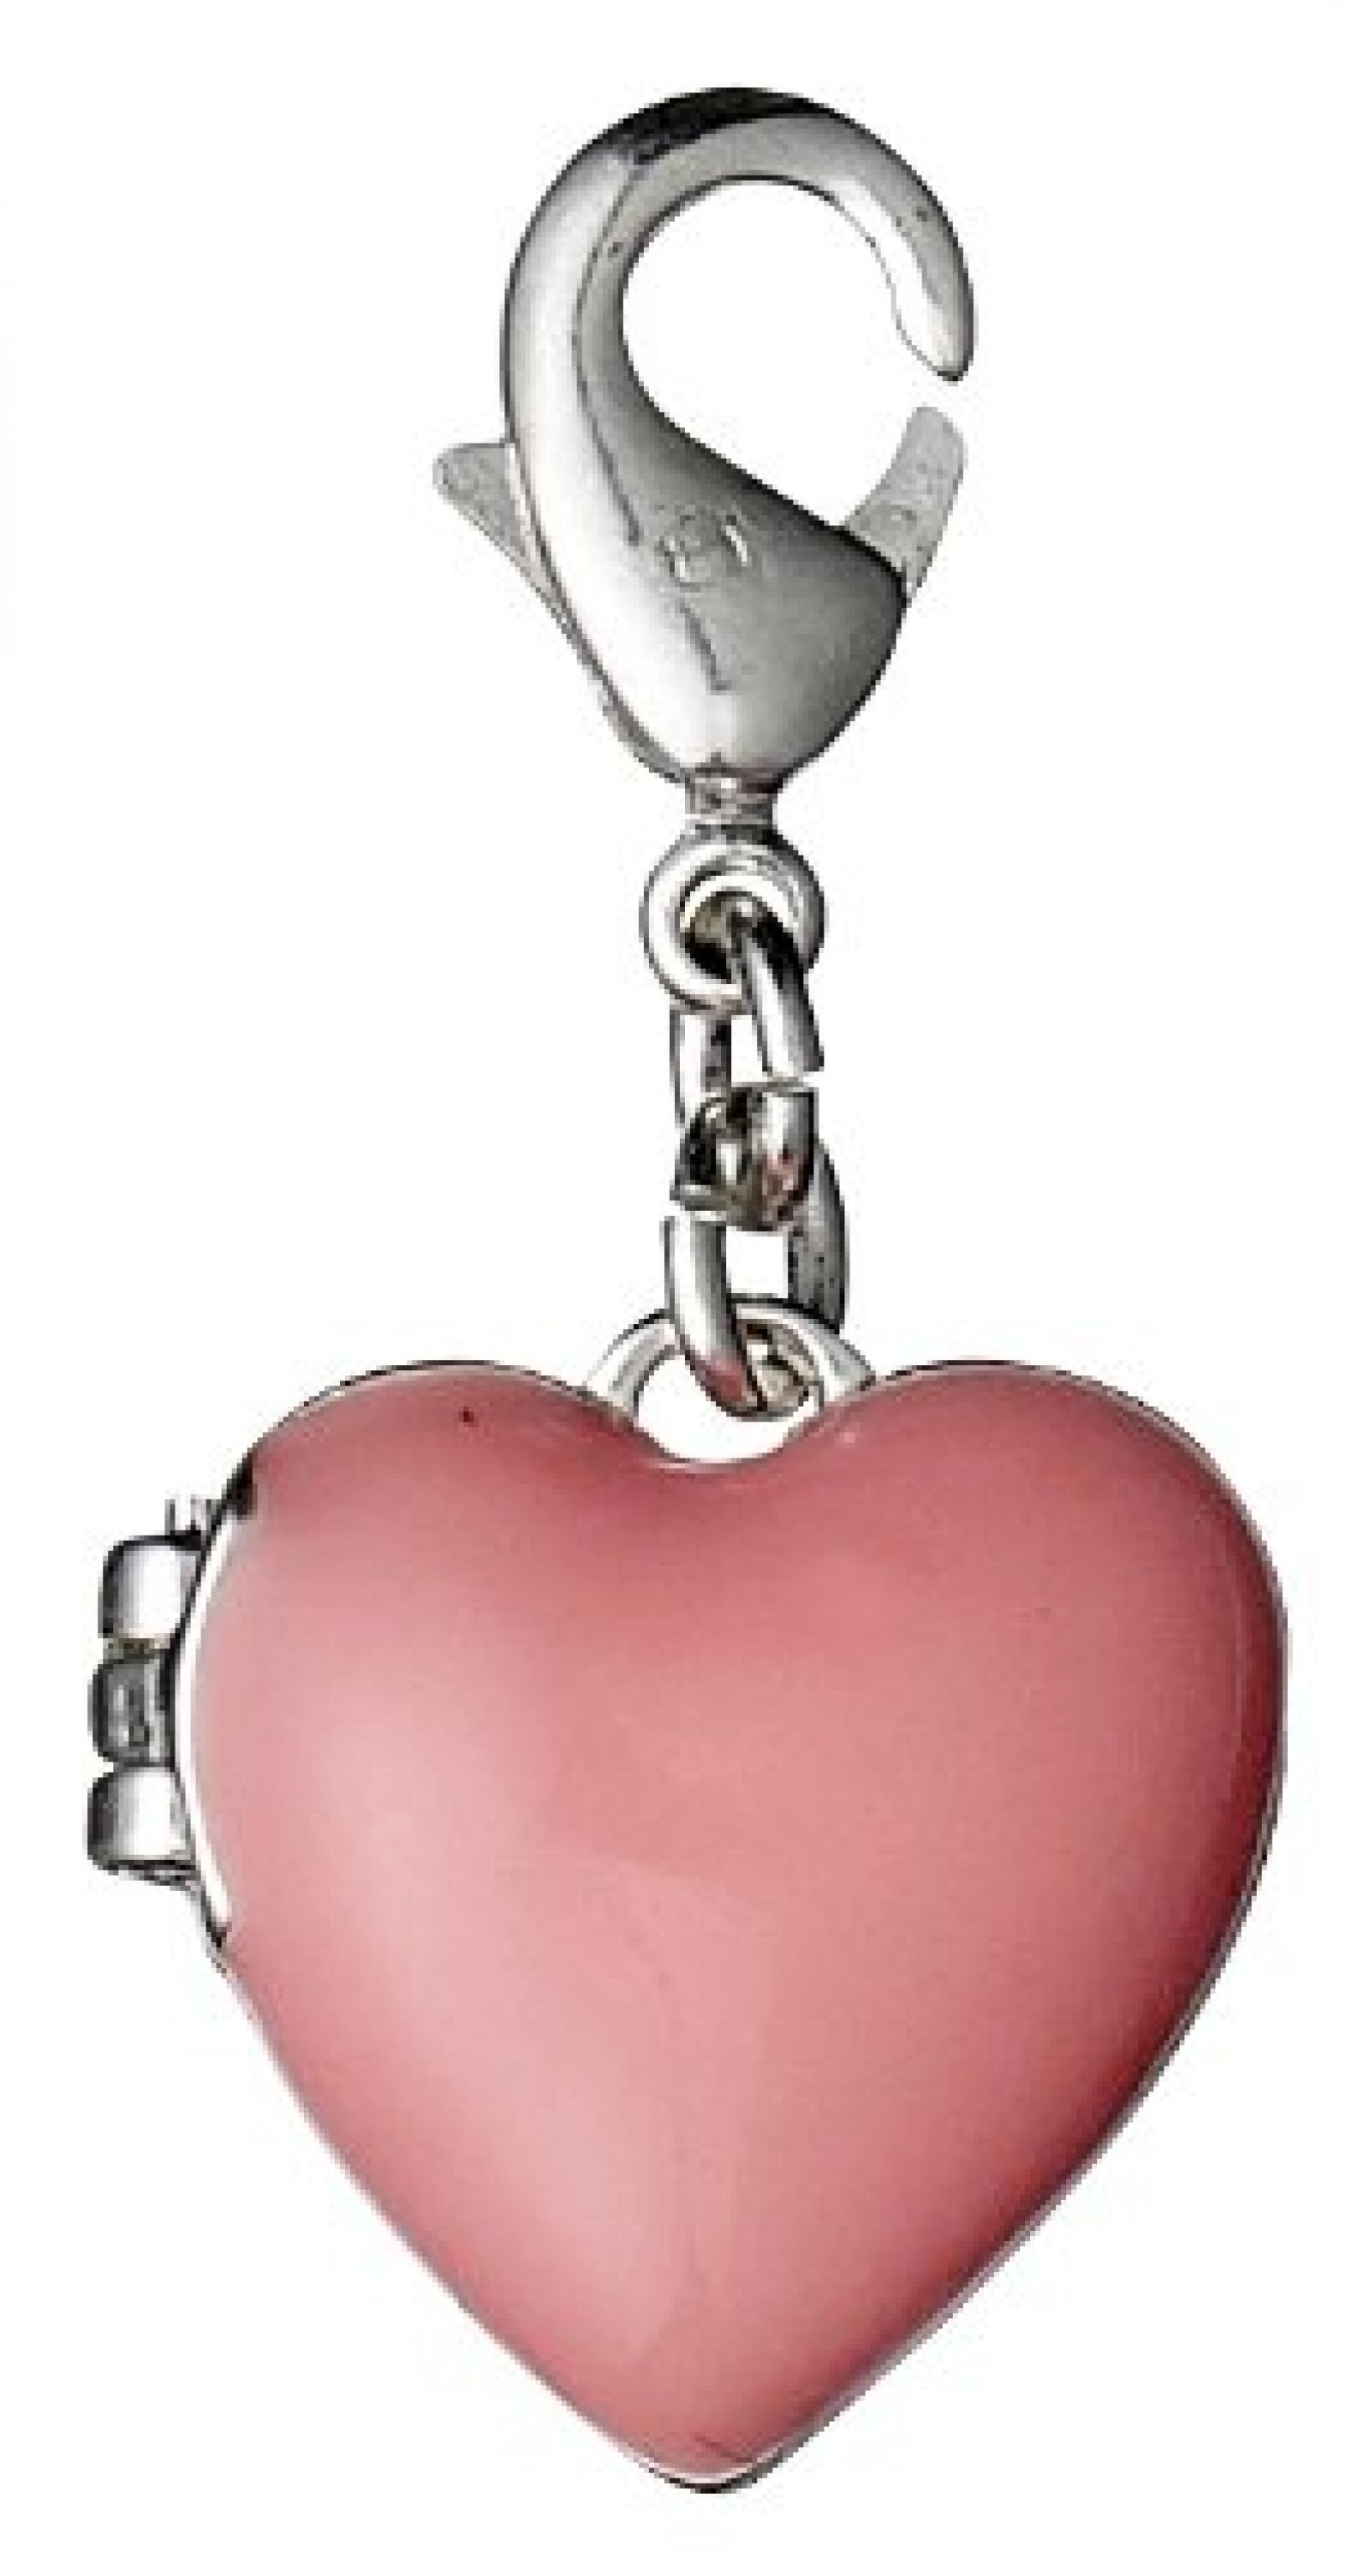 Pilgrim Jewelry Damen-Anhänger Messing aus der Serie versilbert,pink 3.5 cm 401326306